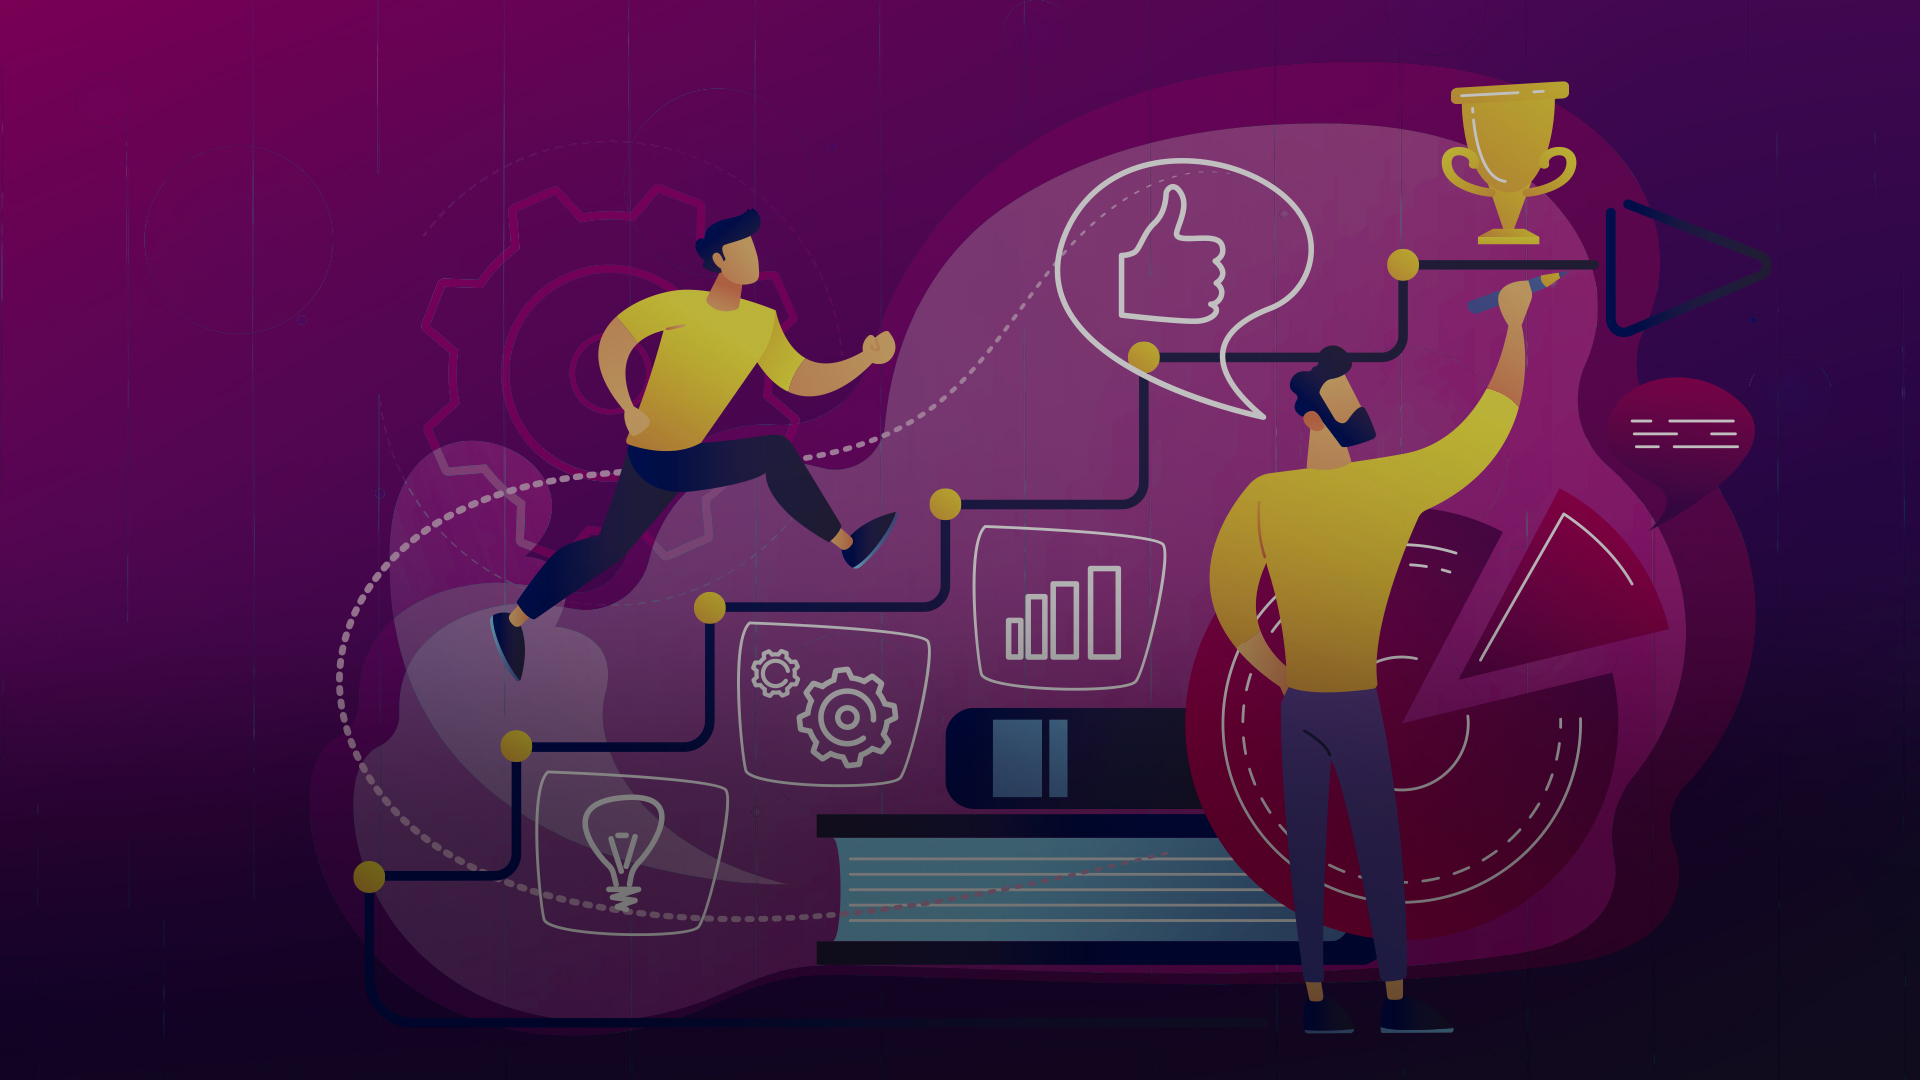 Compasso UOL reforça incentivo em gerar oportunidades para novos talentos na área de TI e movimentar a economia